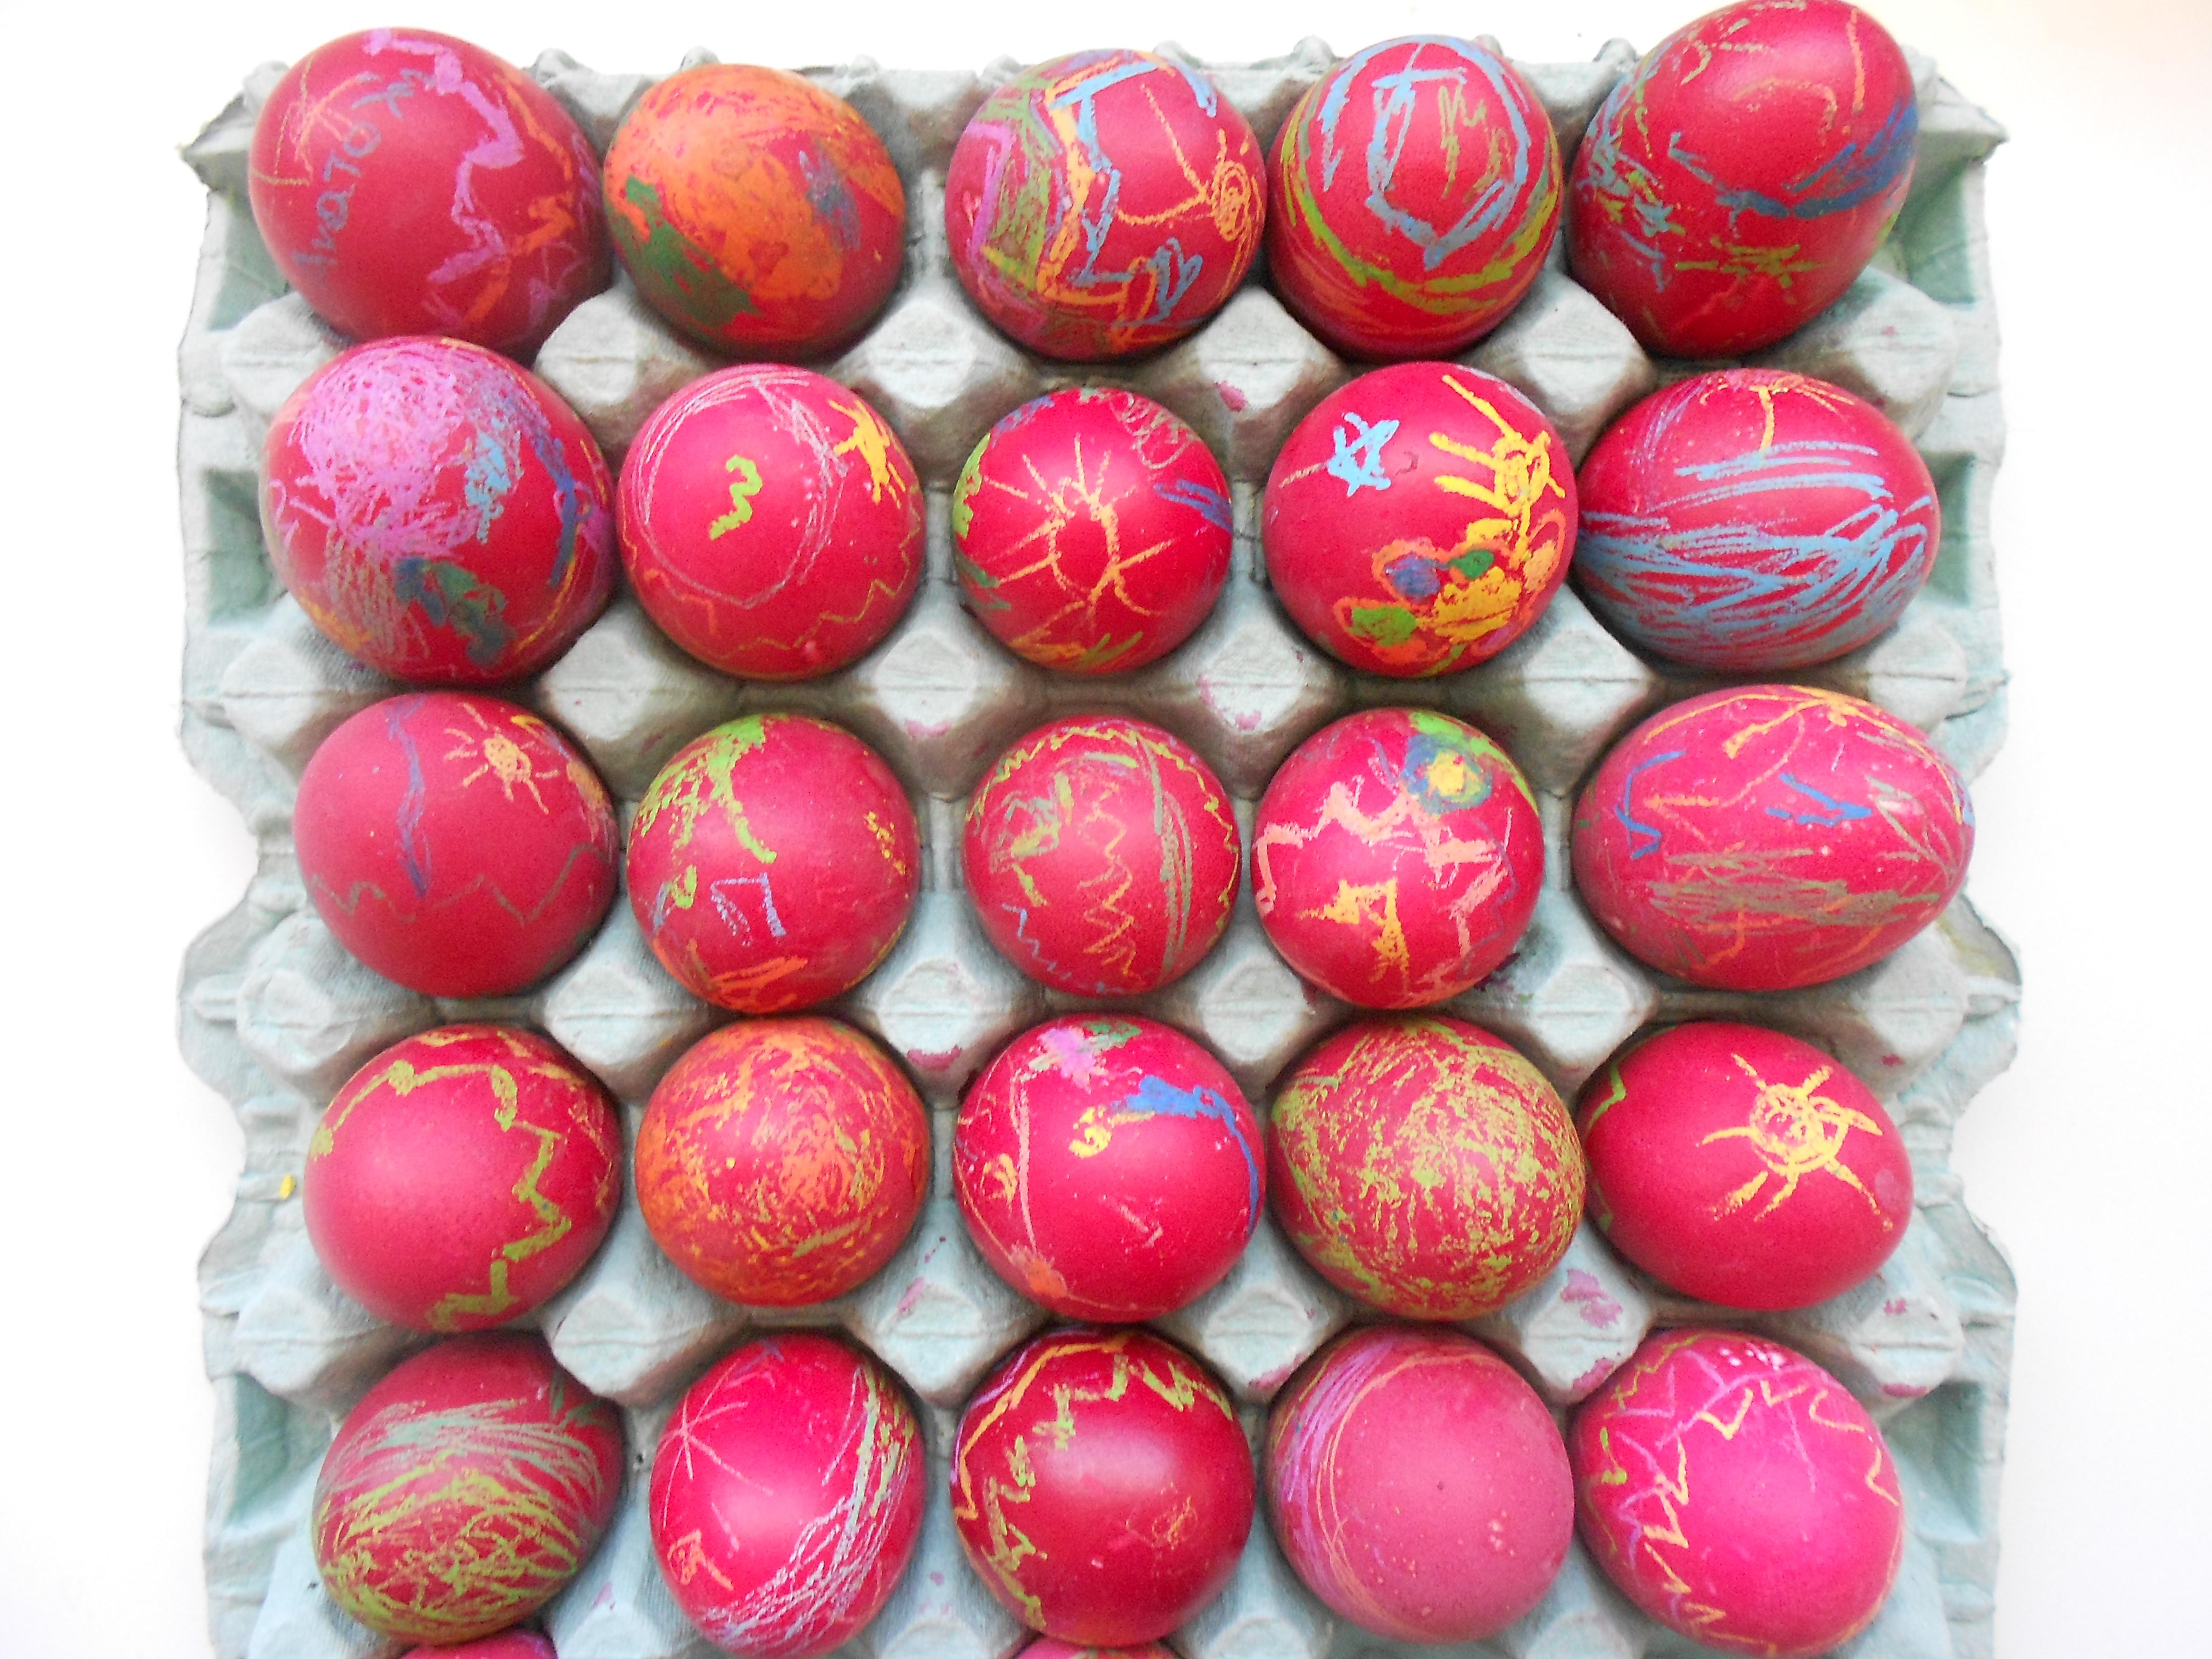 Πασχαλινά αβγουλάκια βαμένα με κηρομπογιά και βαφή αβγών